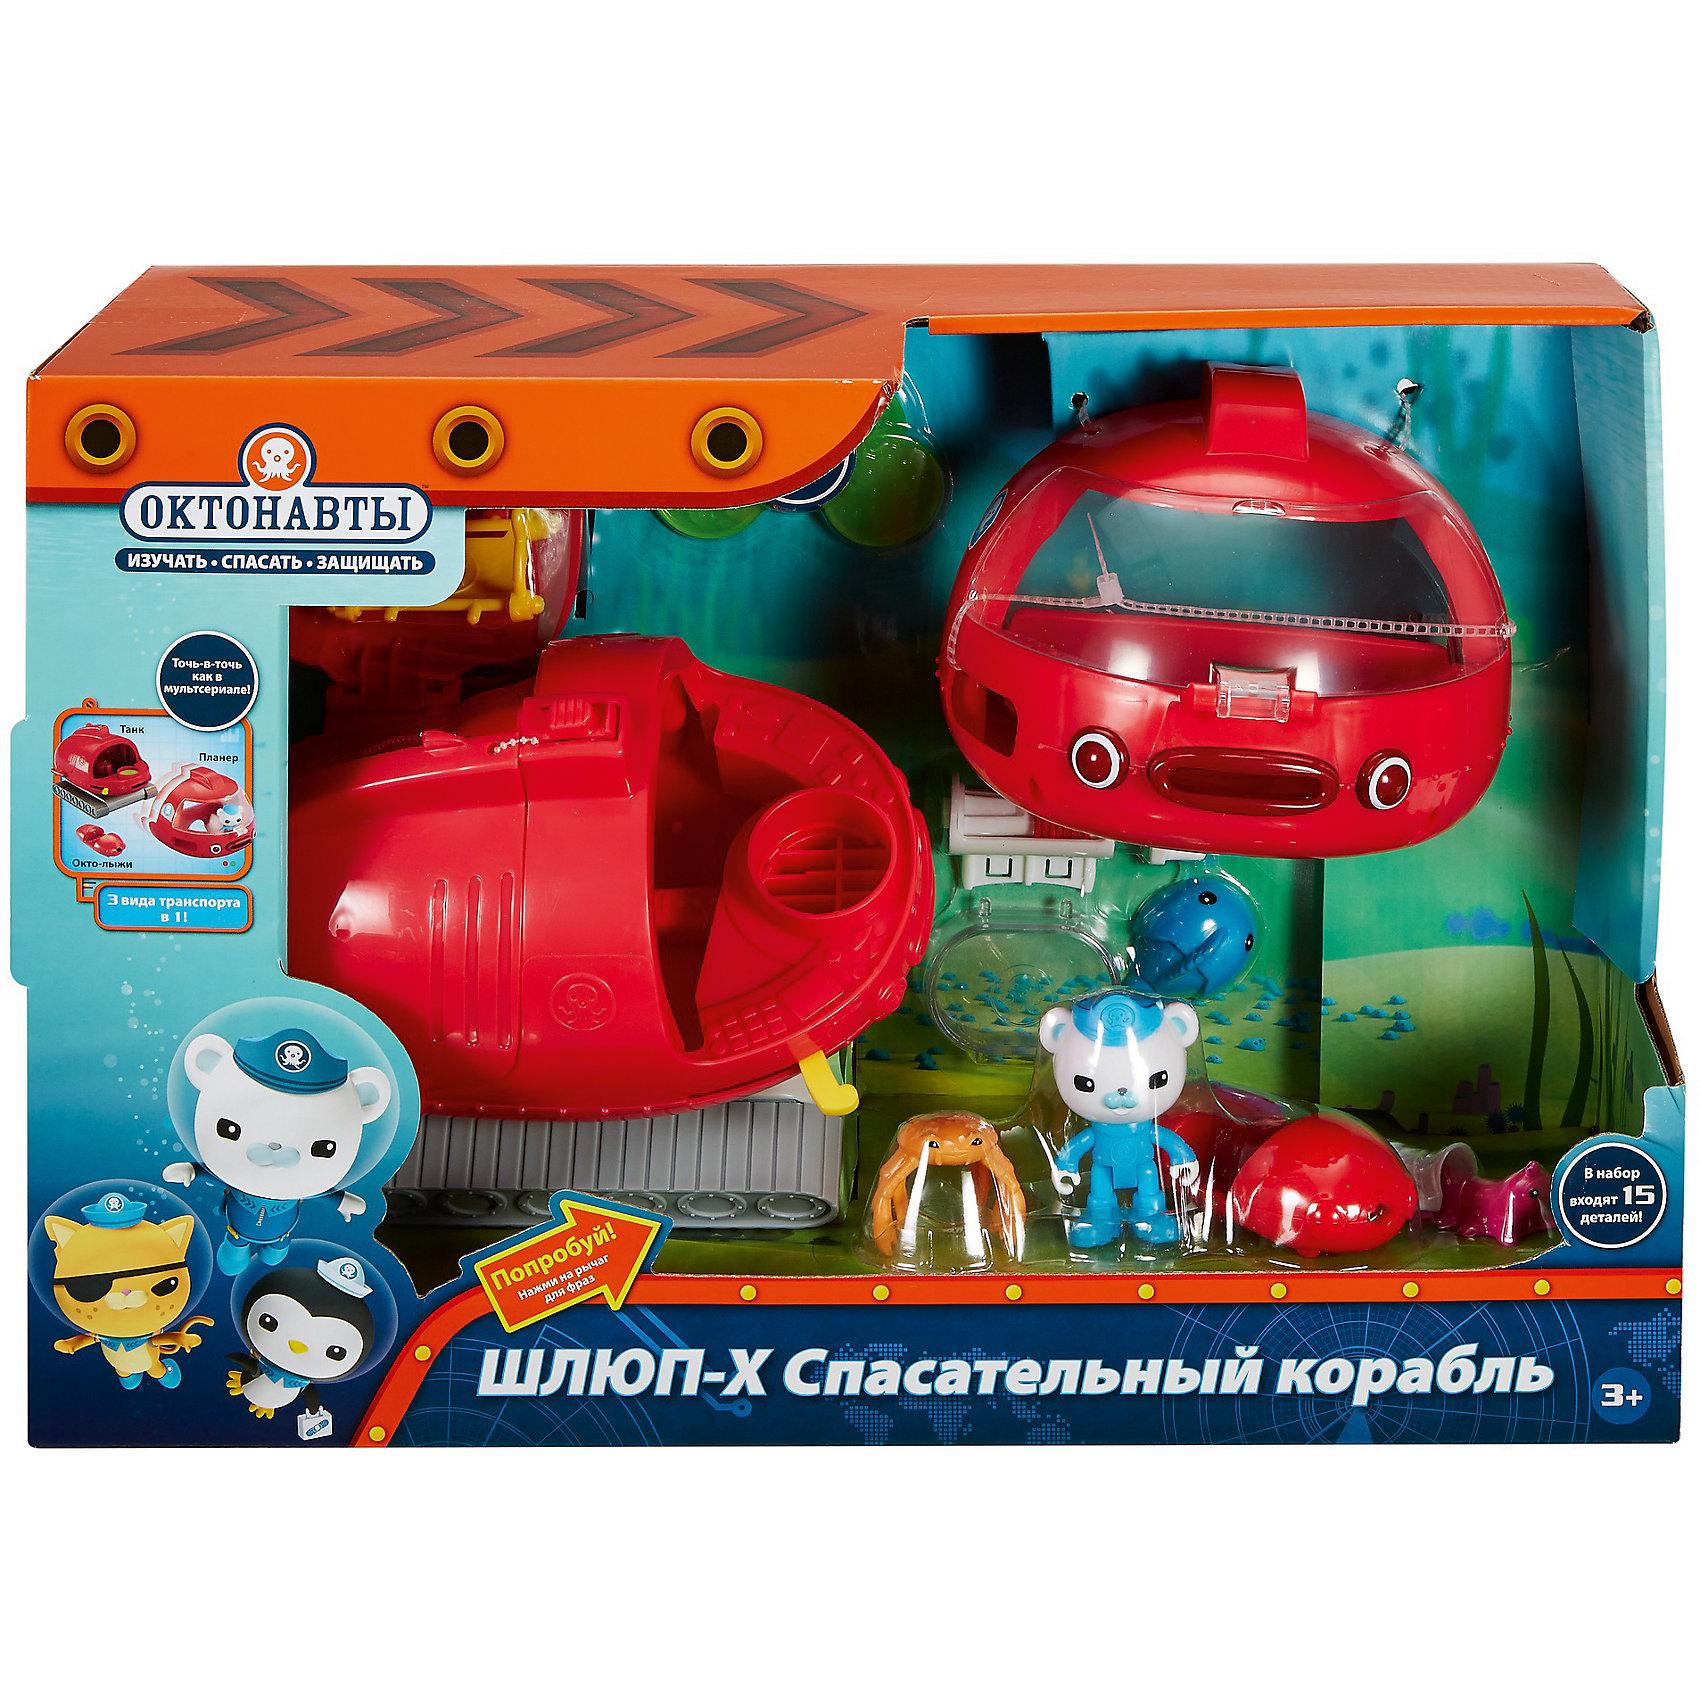 Подводная лодка Шлюп-X Fisher-Price ОктонавтыИнтерактивные игрушки для малышей<br><br><br>Ширина мм: 305<br>Глубина мм: 175<br>Высота мм: 455<br>Вес г: 1651<br>Возраст от месяцев: 36<br>Возраст до месяцев: 2147483647<br>Пол: Унисекс<br>Возраст: Детский<br>SKU: 7014801